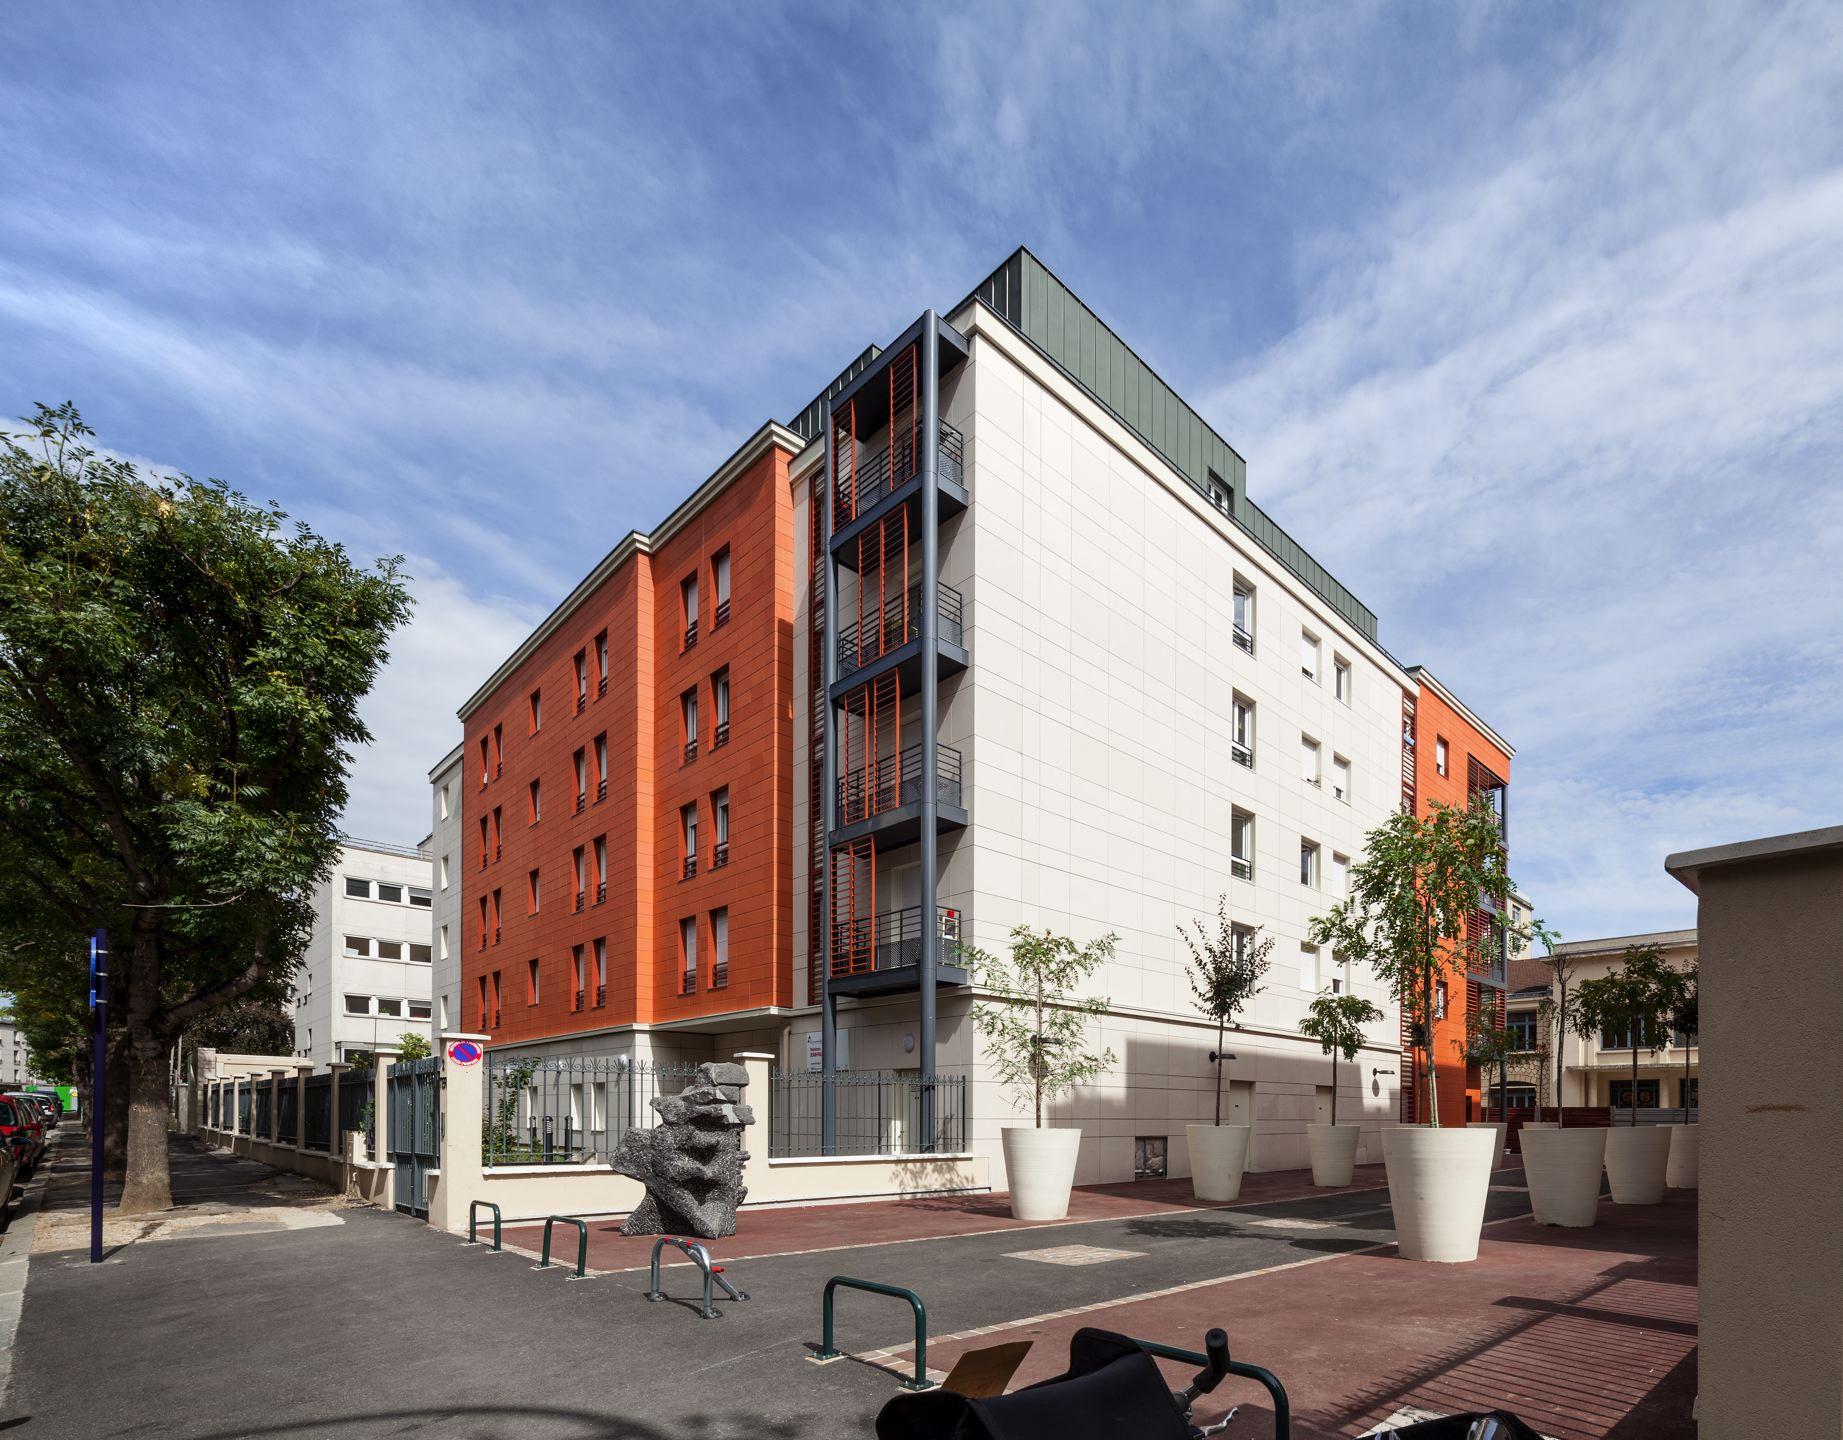 Résidence étudiants de 129 chambres, Saint-Mandé (94)